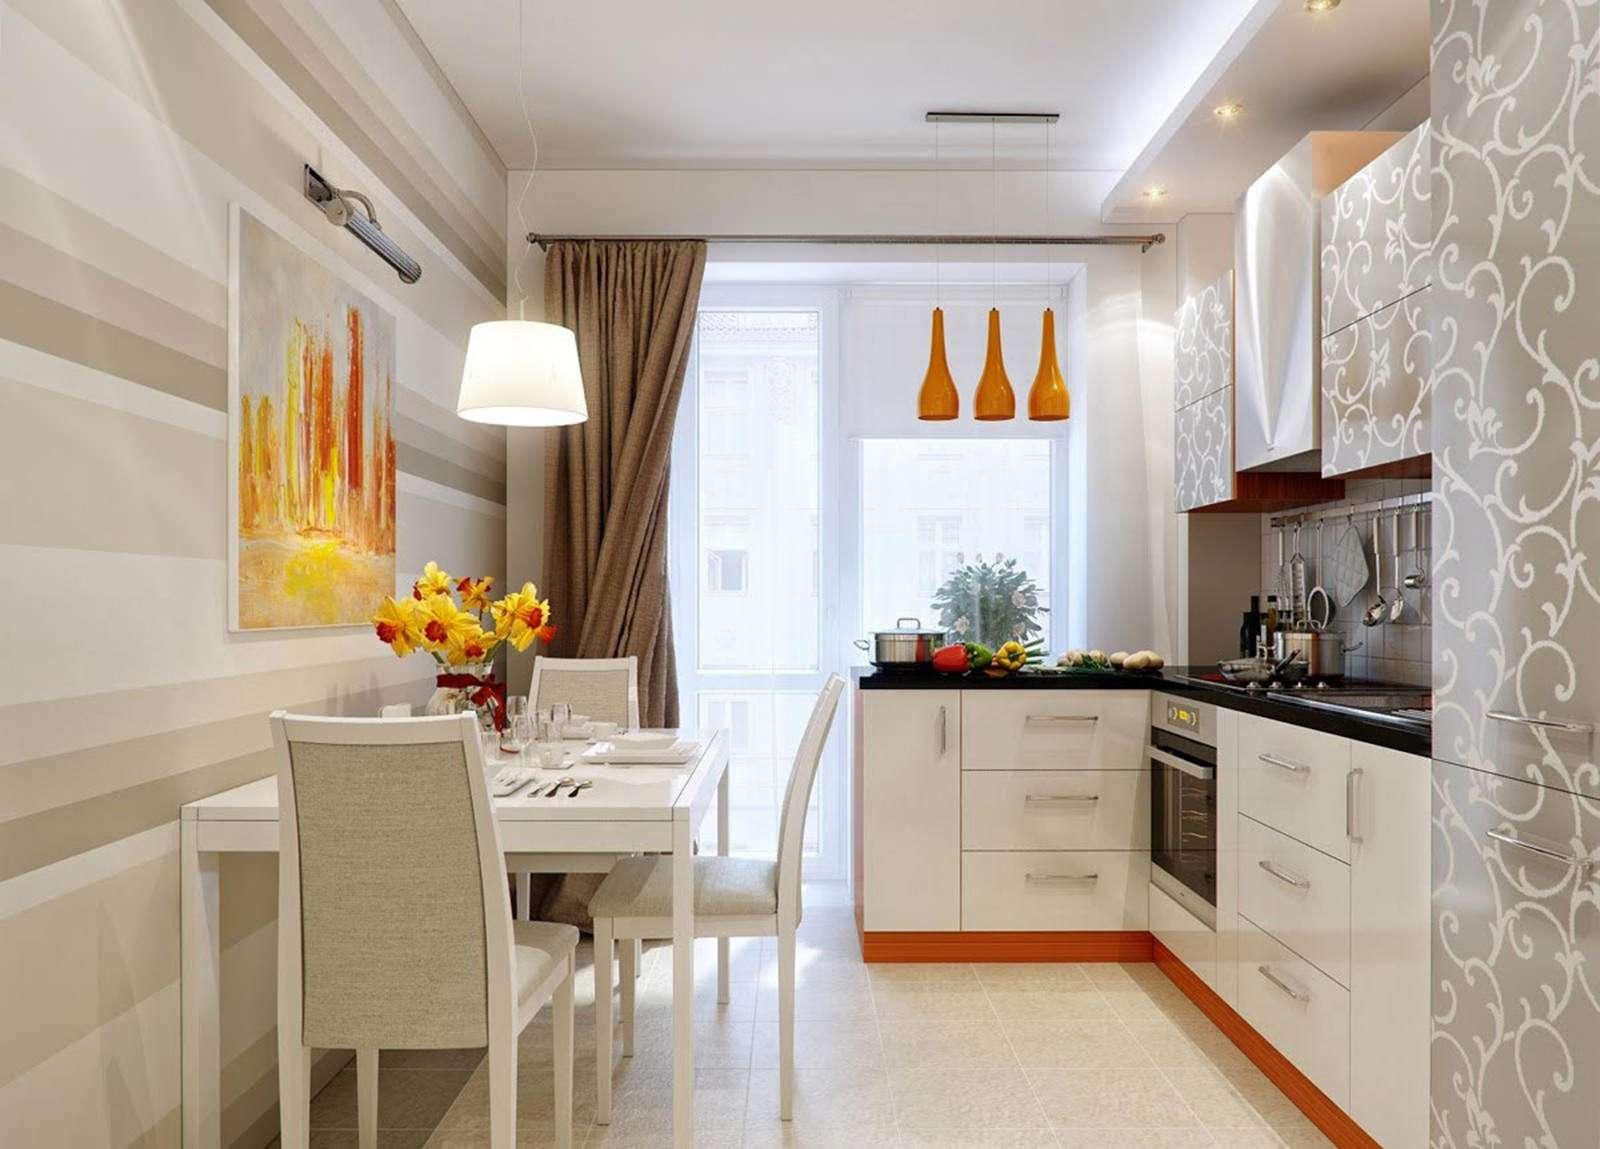 Кухня 9 кв метров идеи для кухни, интерьеры, фото ремонт ква.